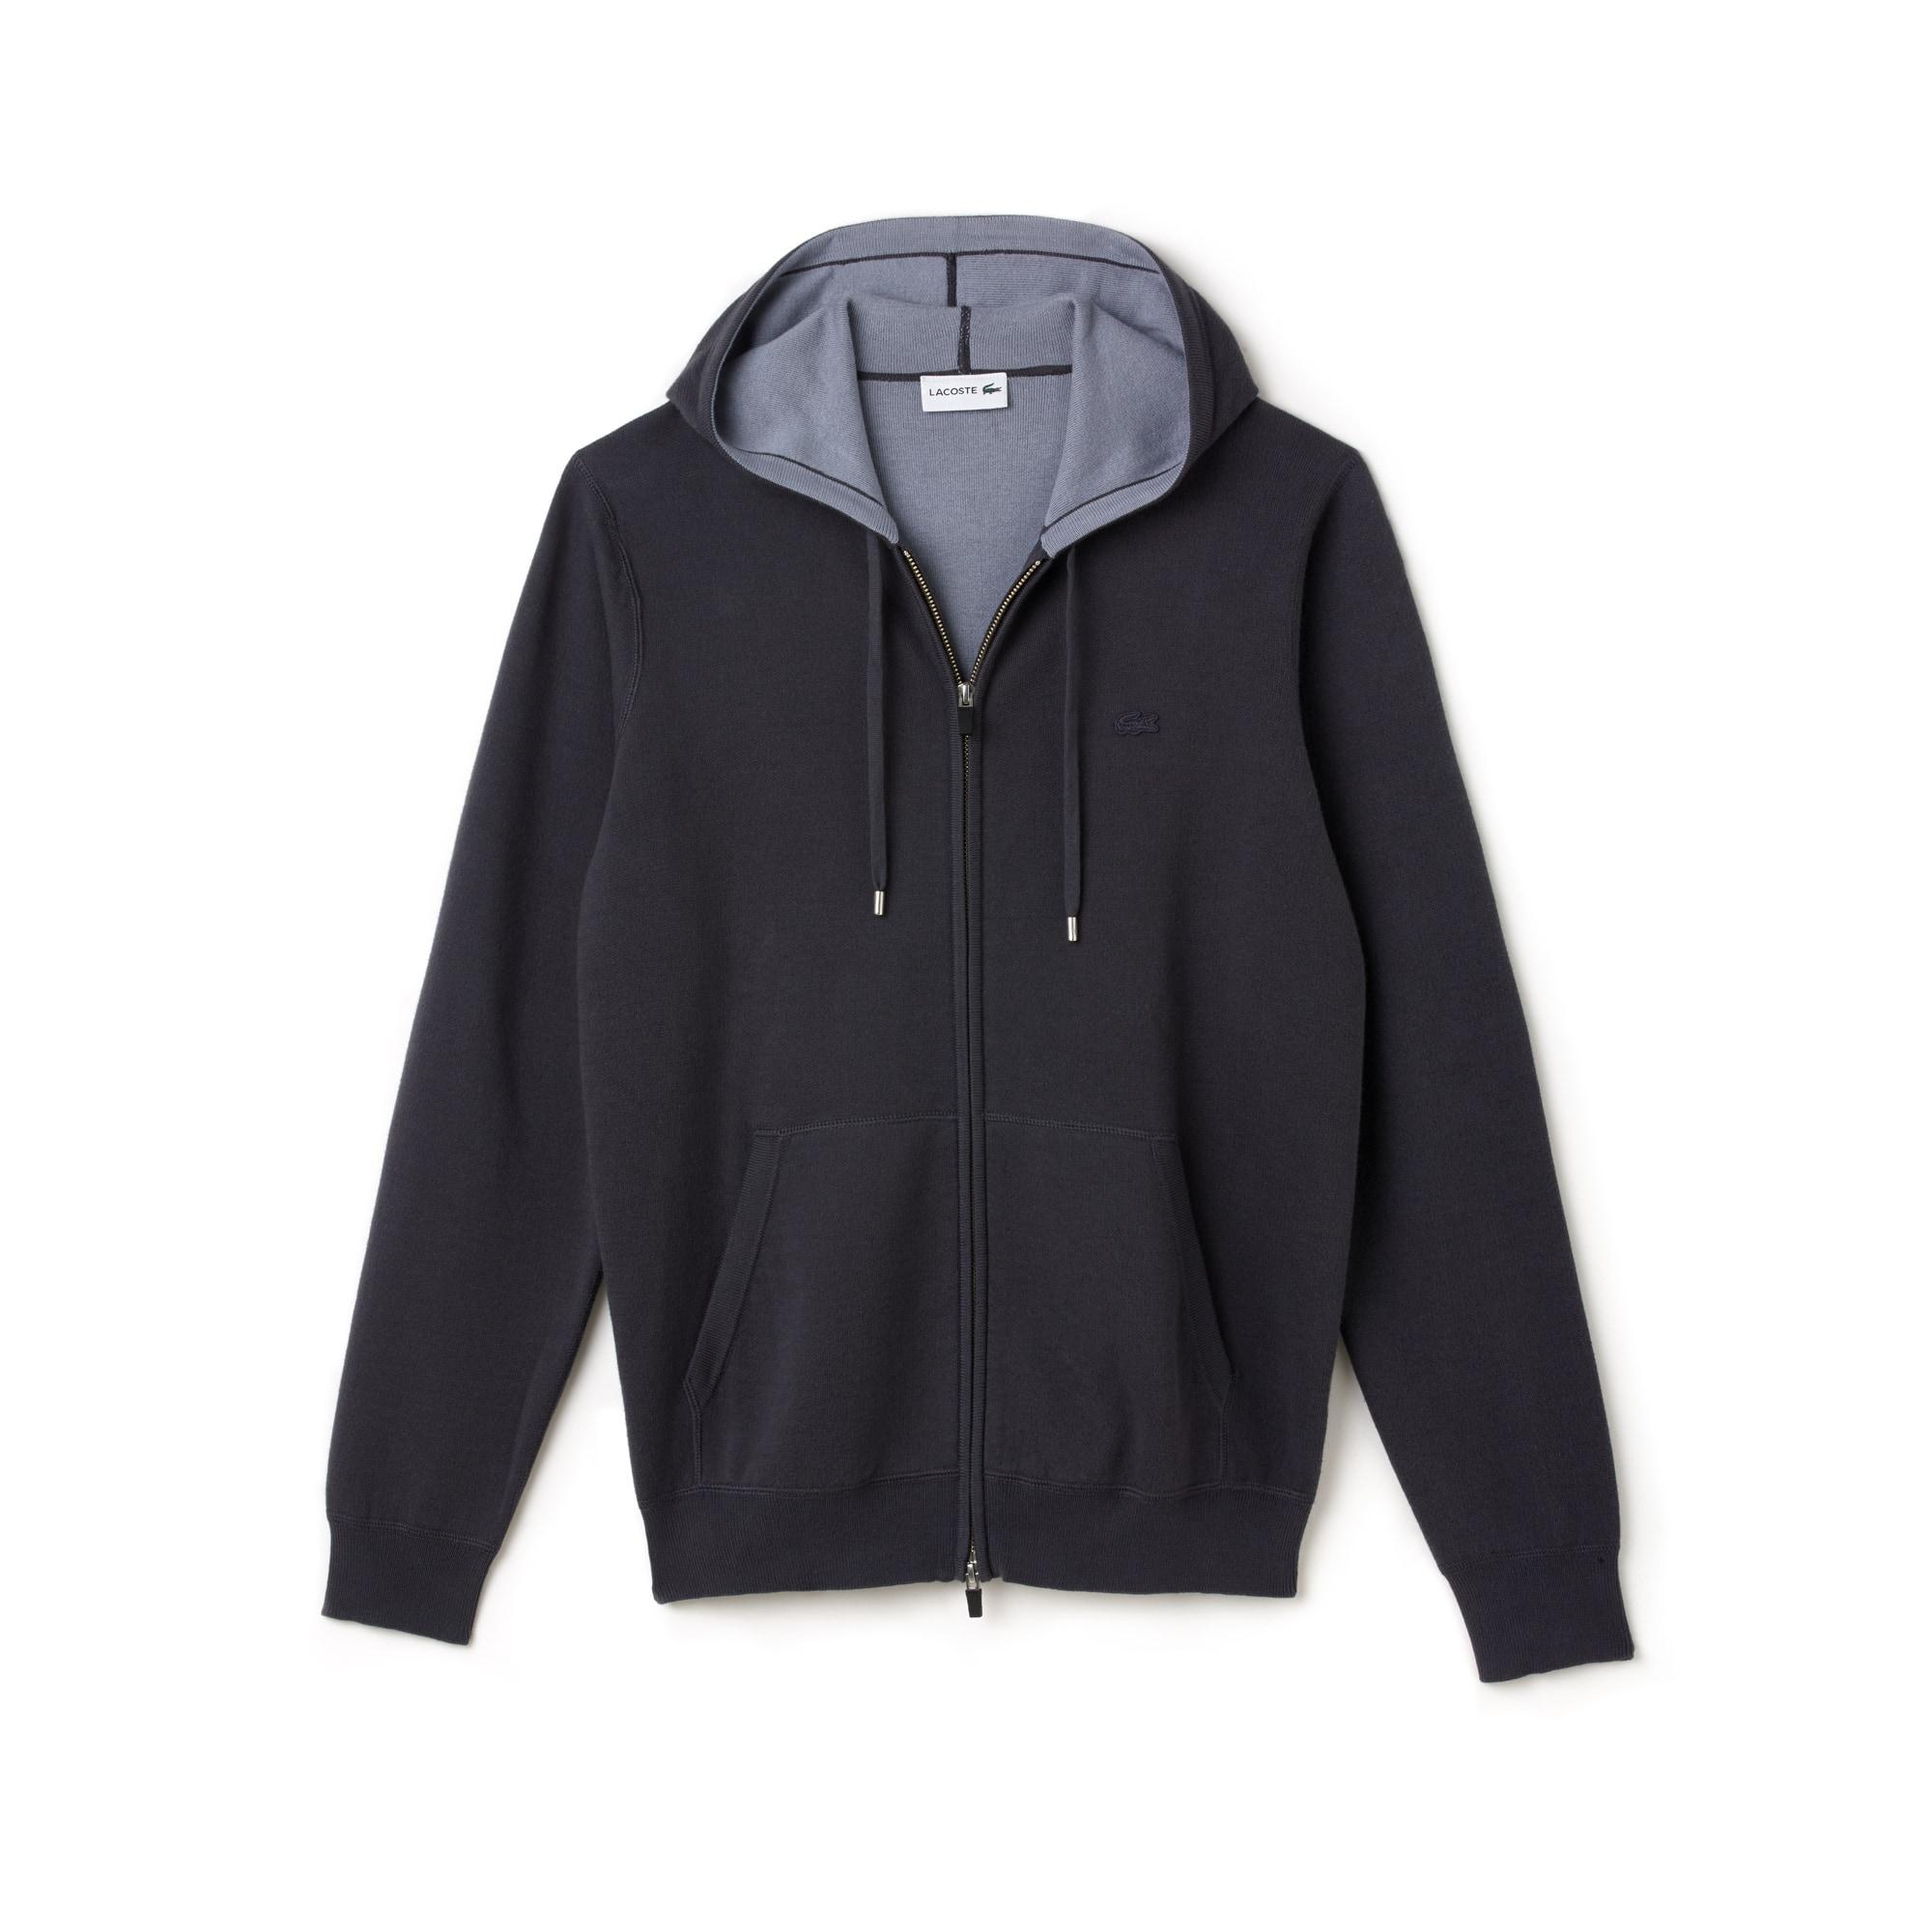 Men's Hooded Zippered Cotton Sweatshirt